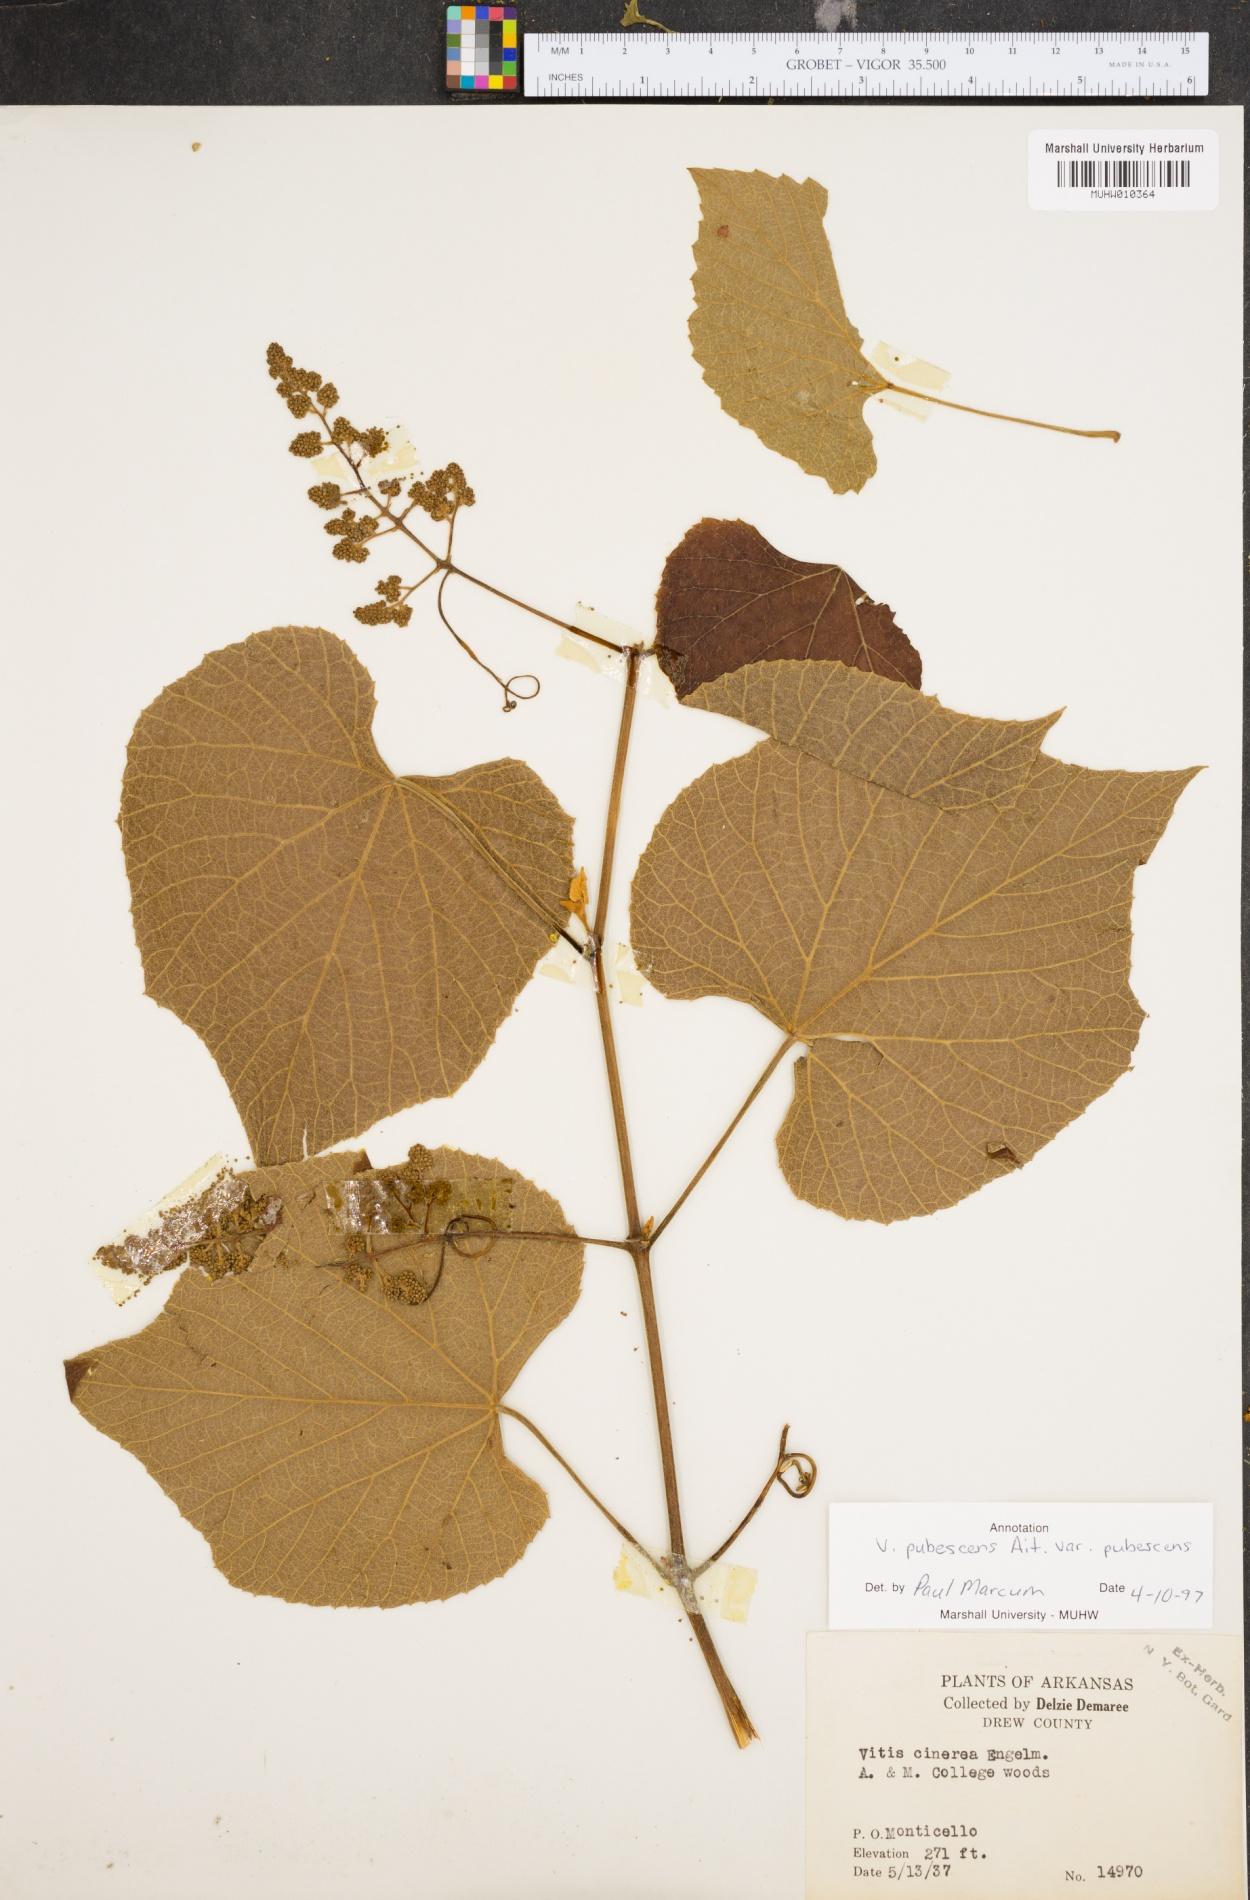 Vitis pubescens image